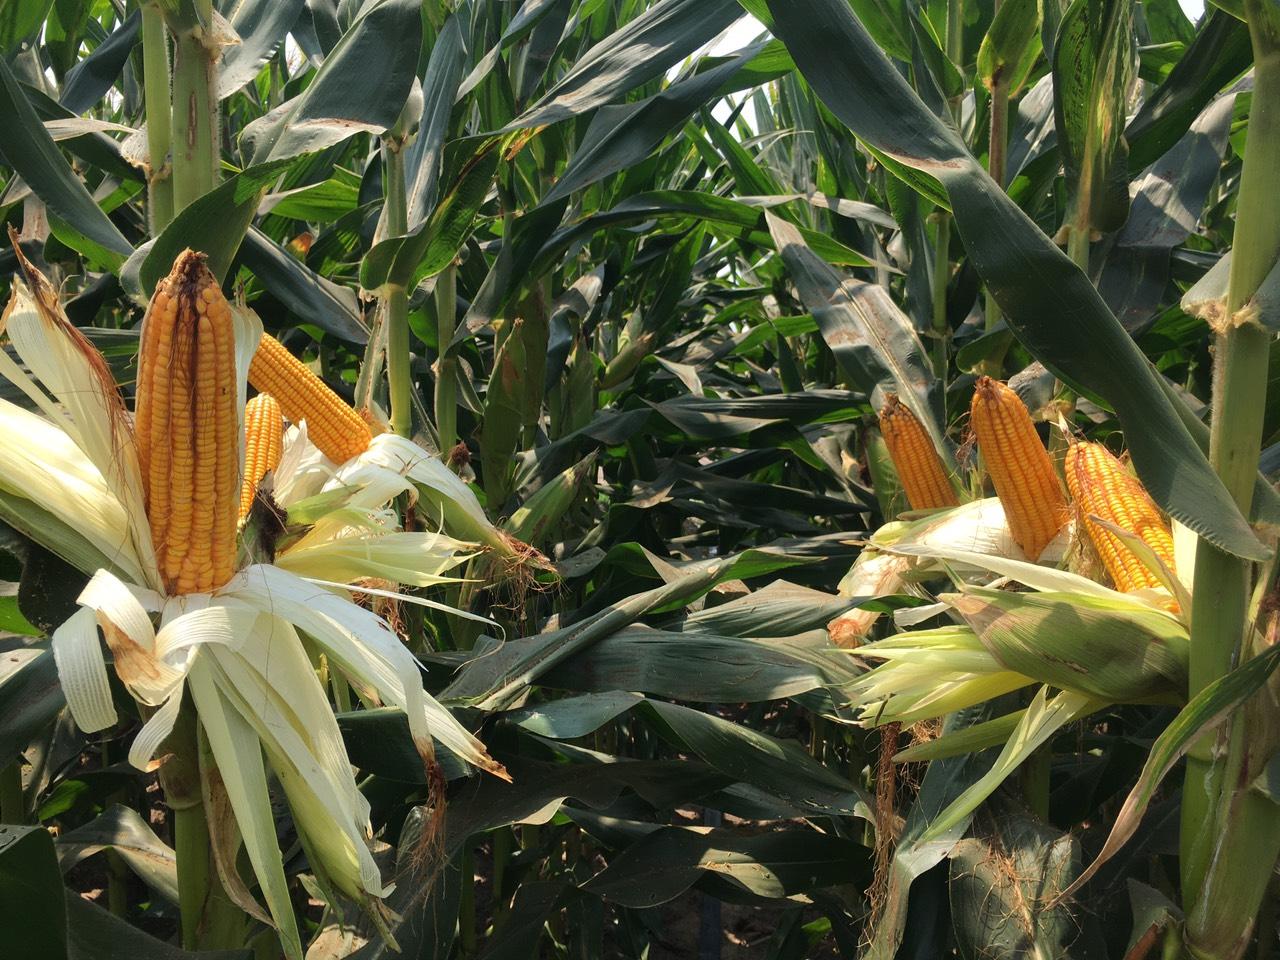 SSC - Thương hiệu hạt giống của nhà nông - Ảnh 1.